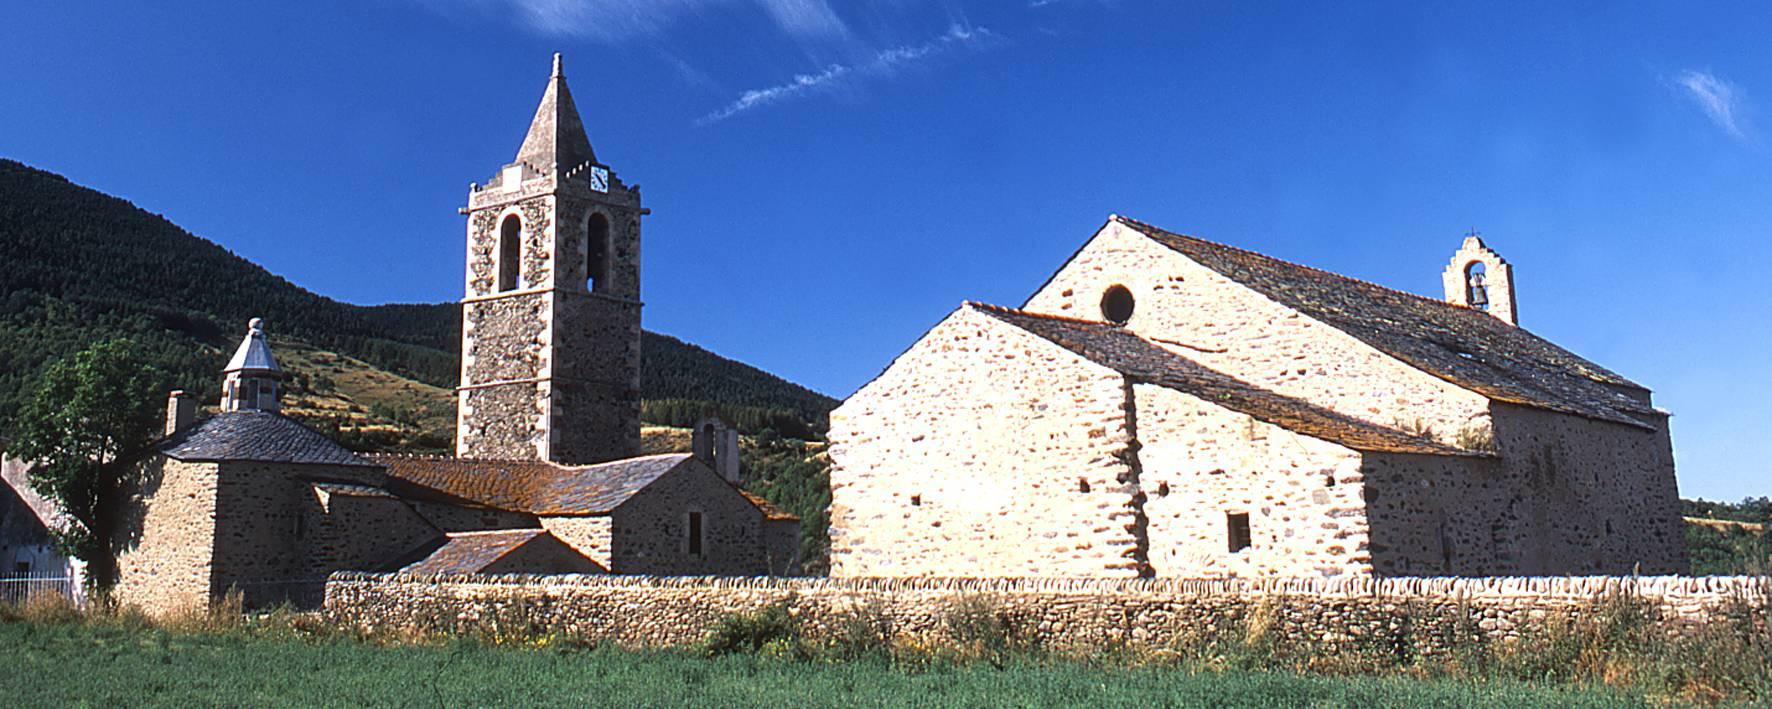 Kerk en kapel van Er © F. Berlic